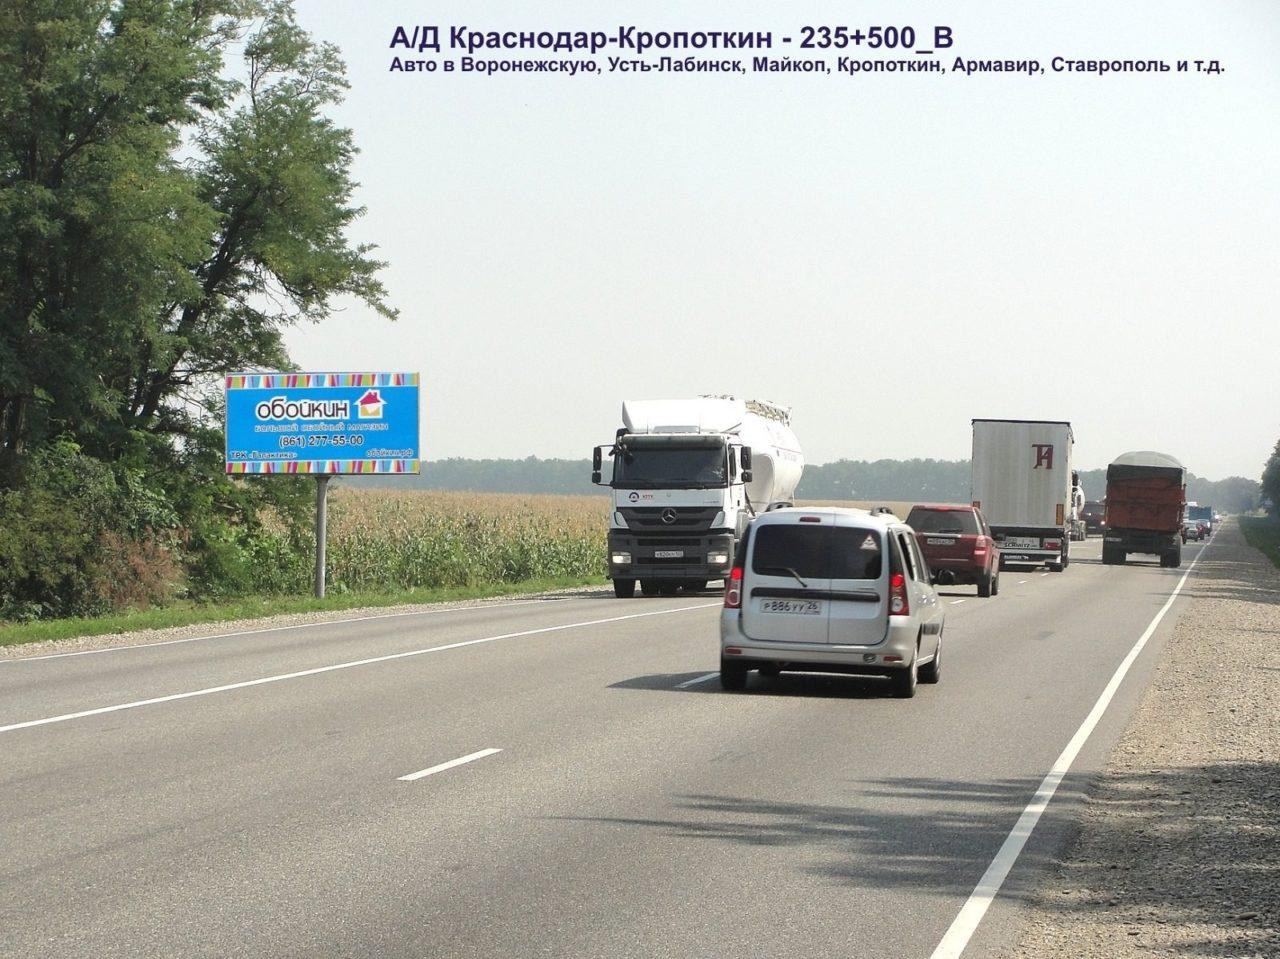 щит в Воронежскую из Краснодар